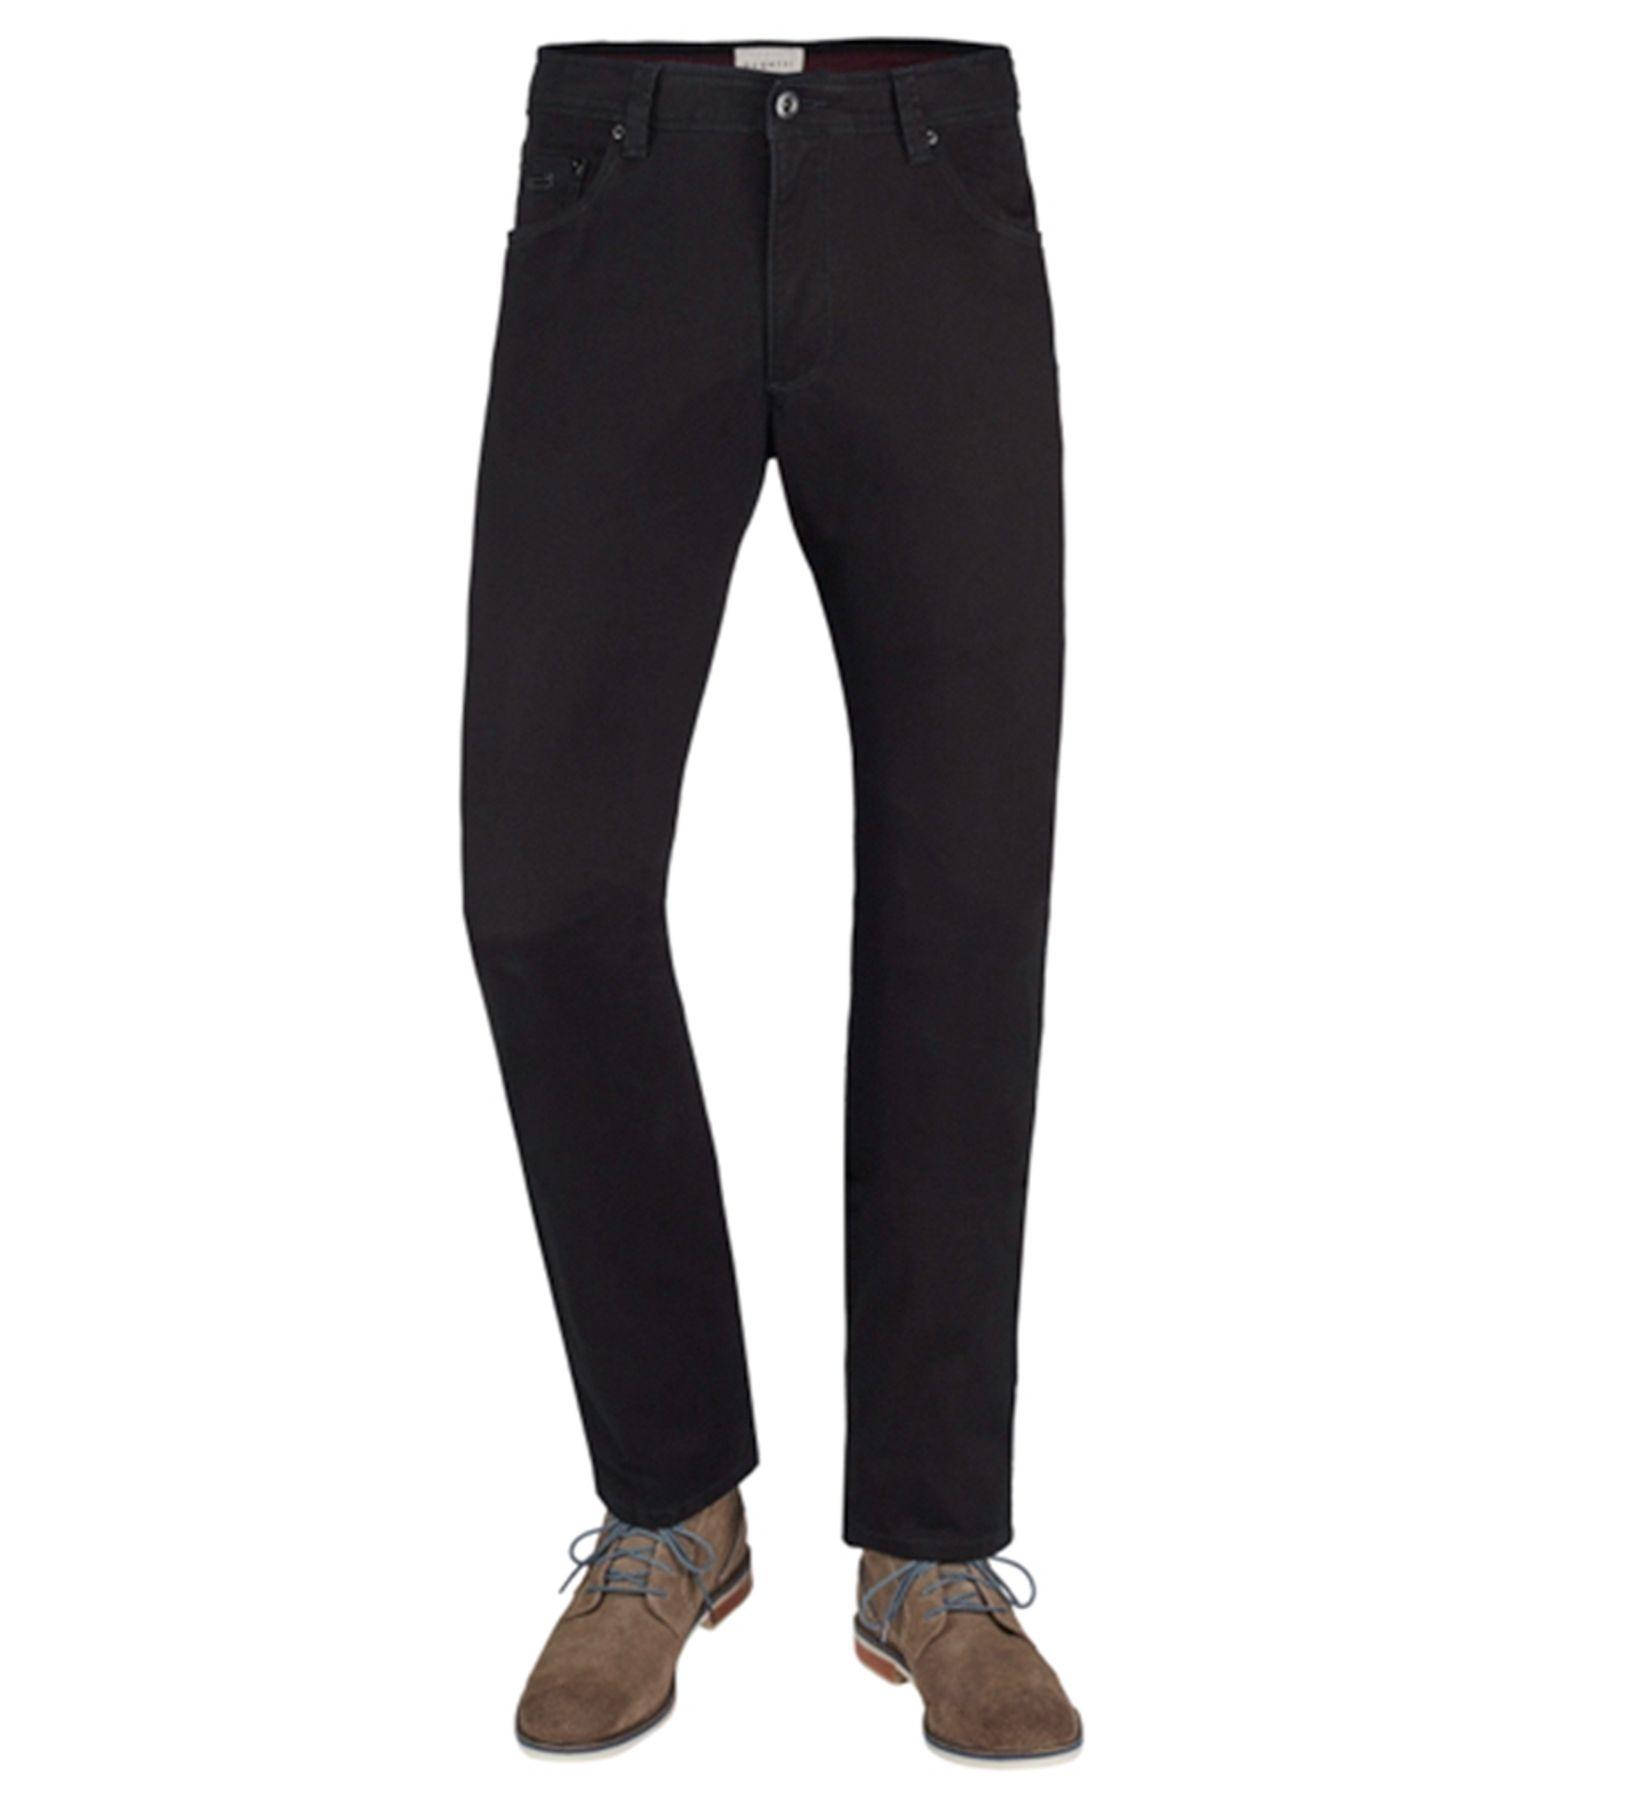 Bugatti - Herren Hose mit 5 Taschen, Regular Fit (Art. Nr.: 3020-86232) – Bild 1